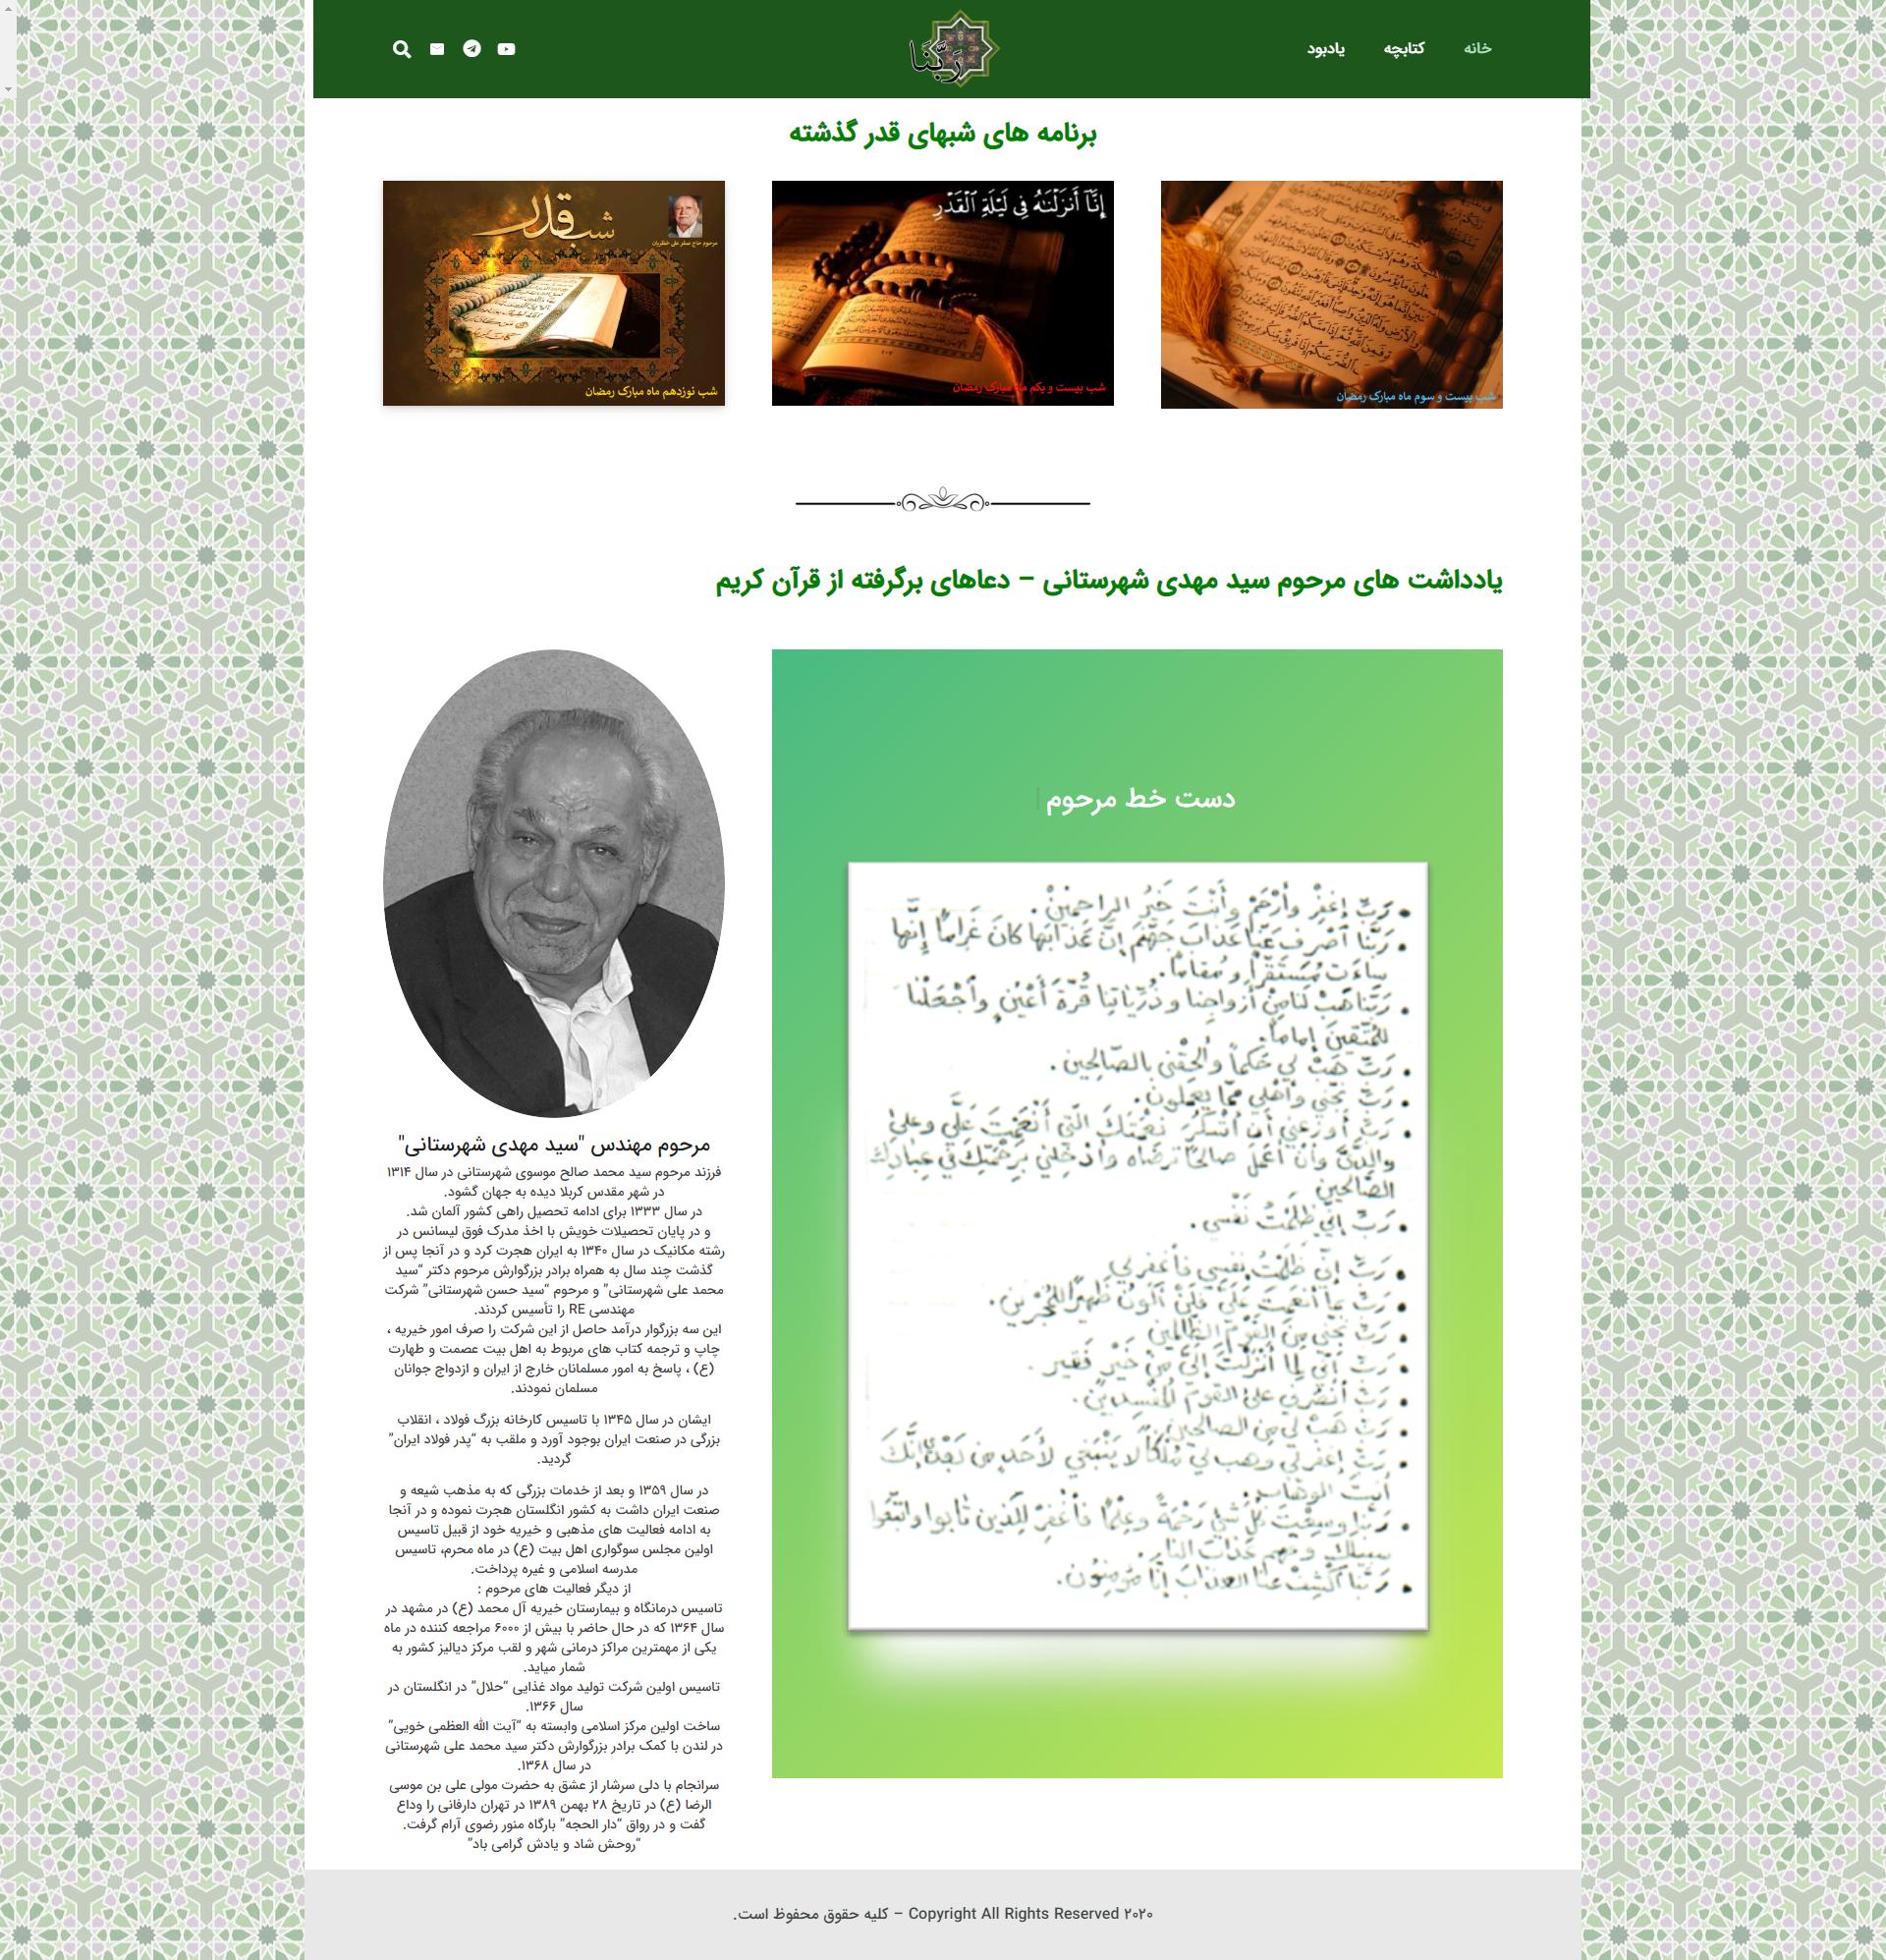 طراحی وب سایت مذهبی ربنا | طراحی وب سایت